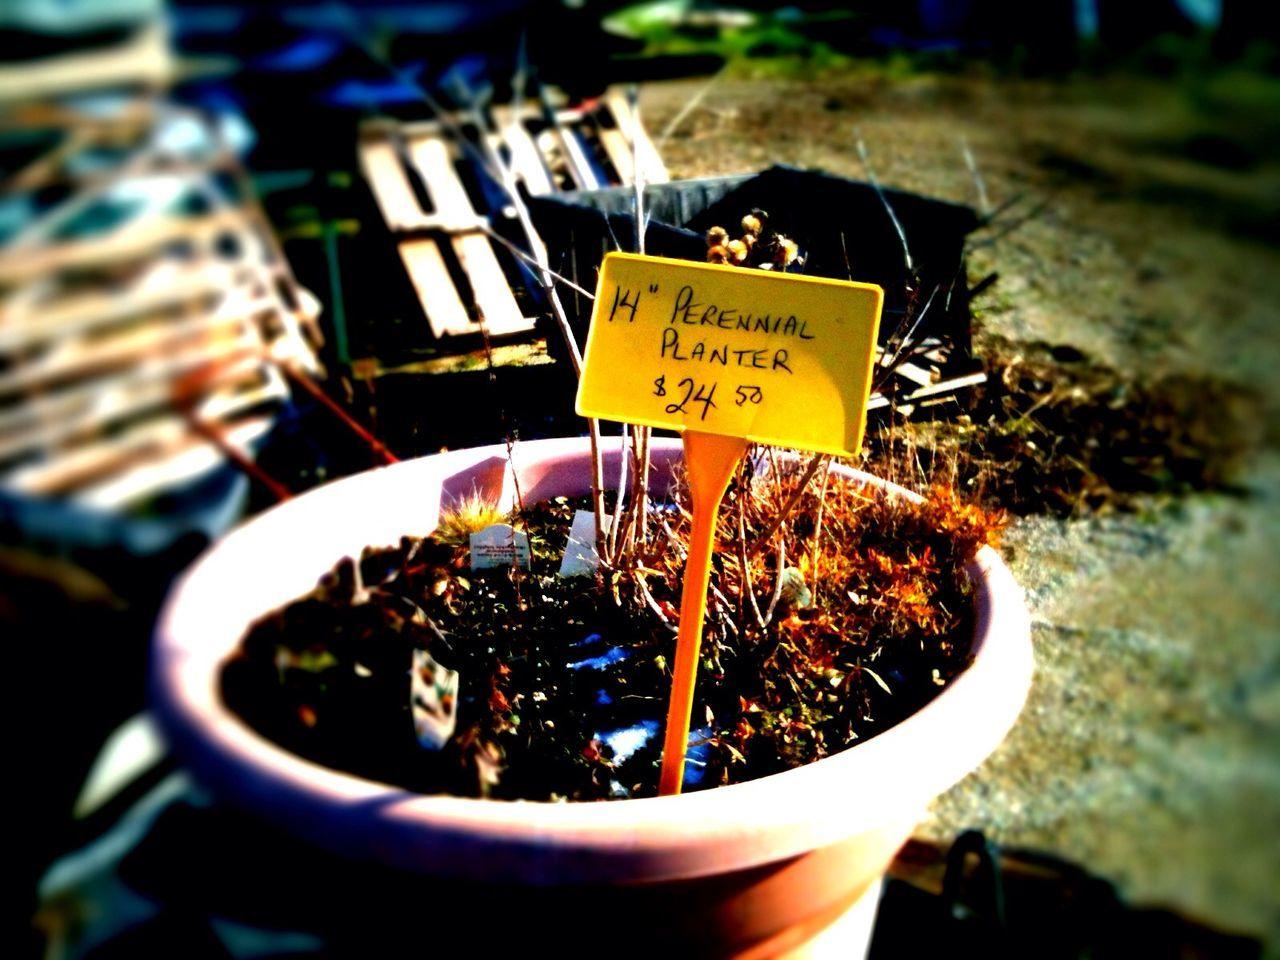 Perennial planter in Toronto Perennial Planter